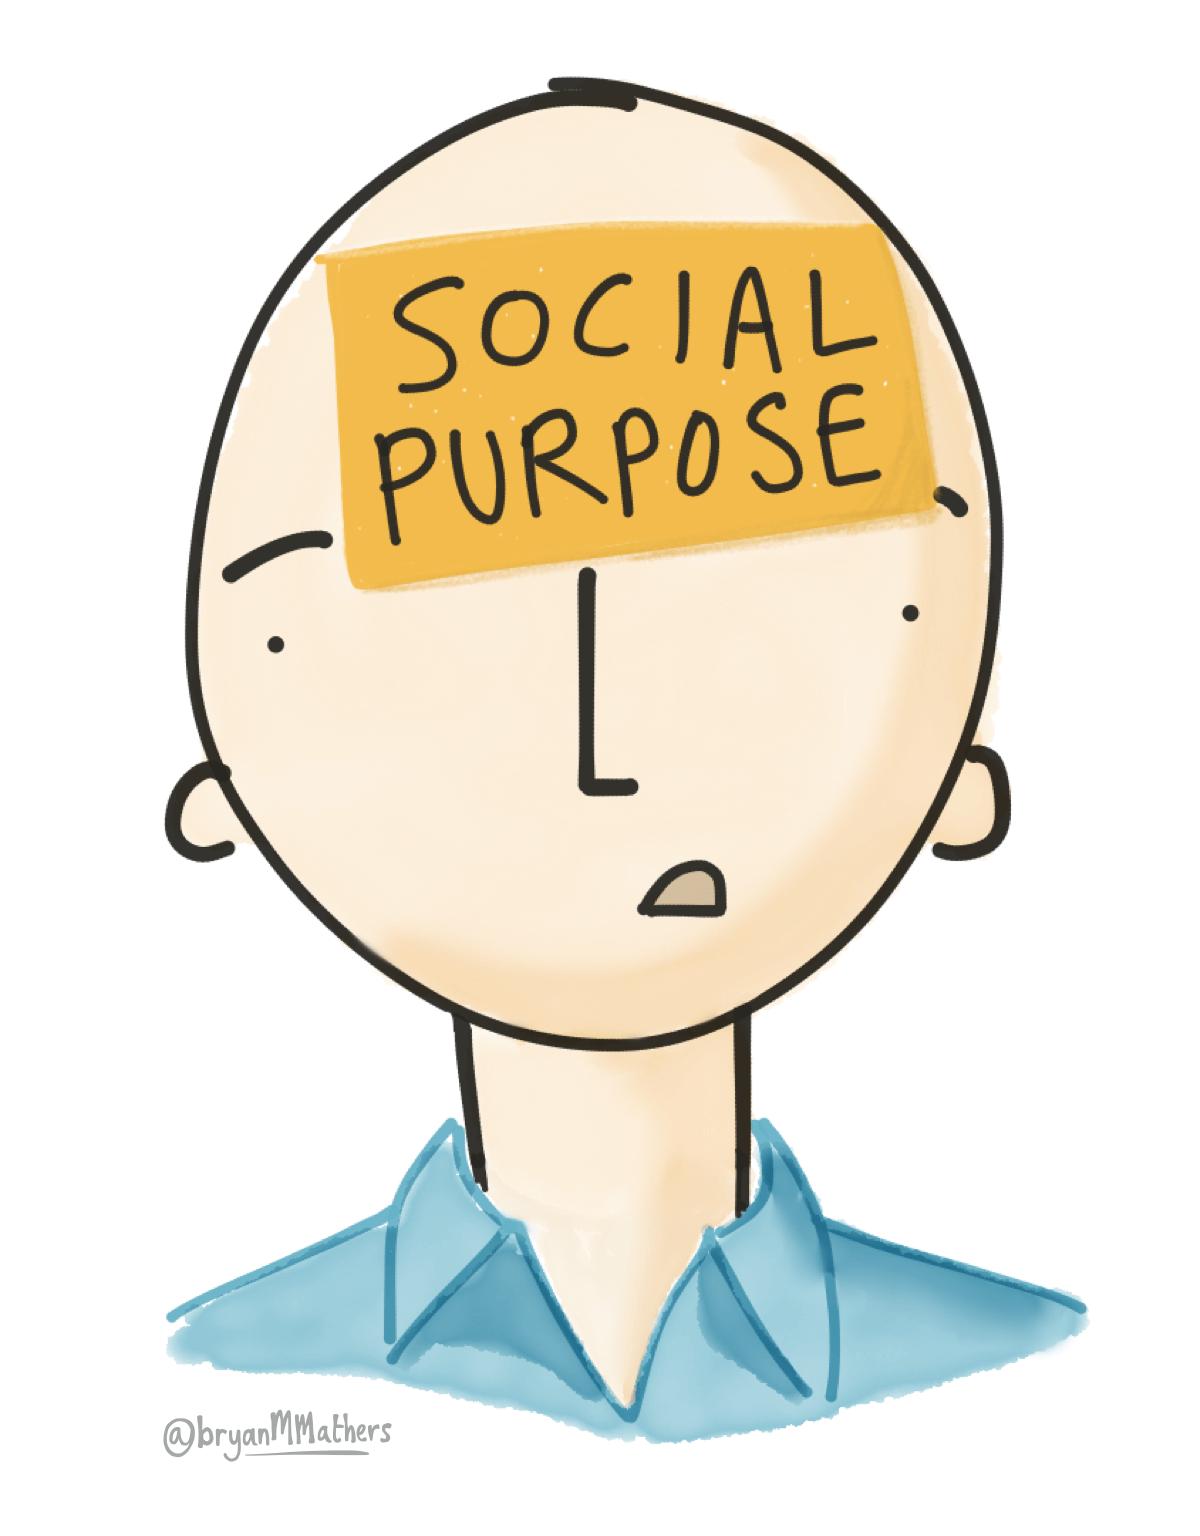 Social purpose